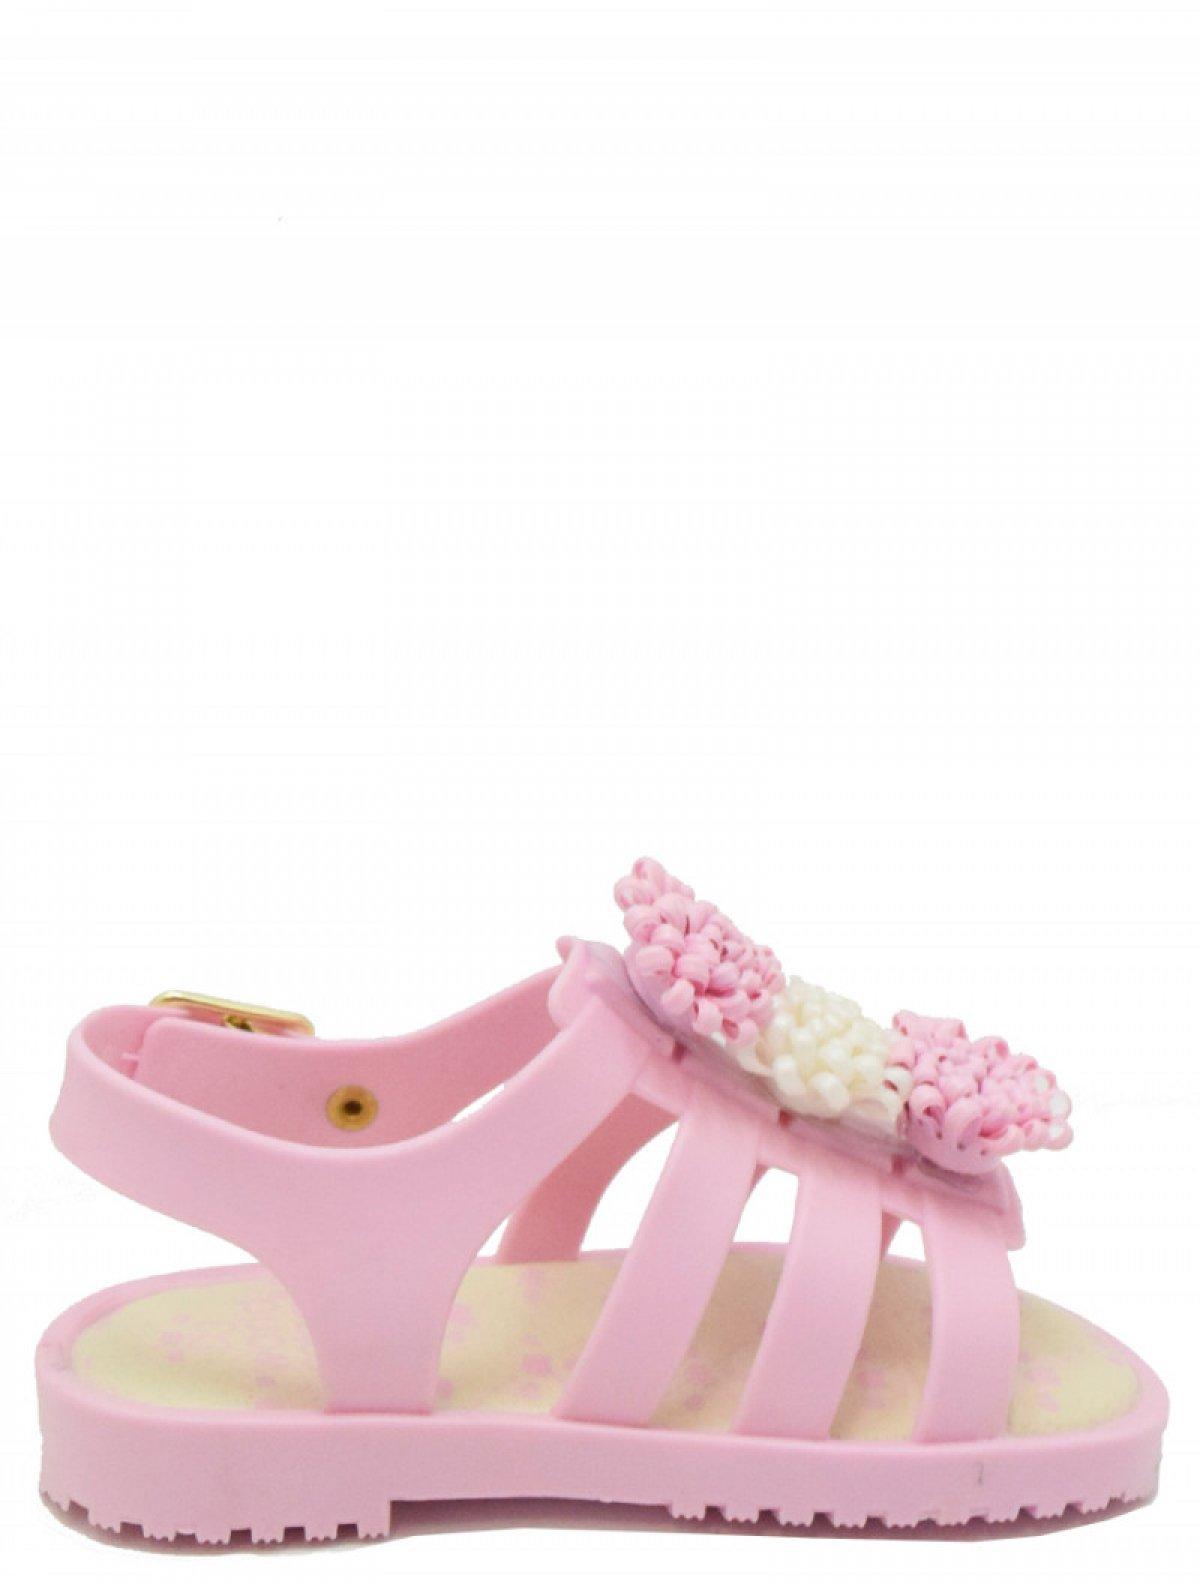 Worldcolors 021.036 детские обувь д/моря